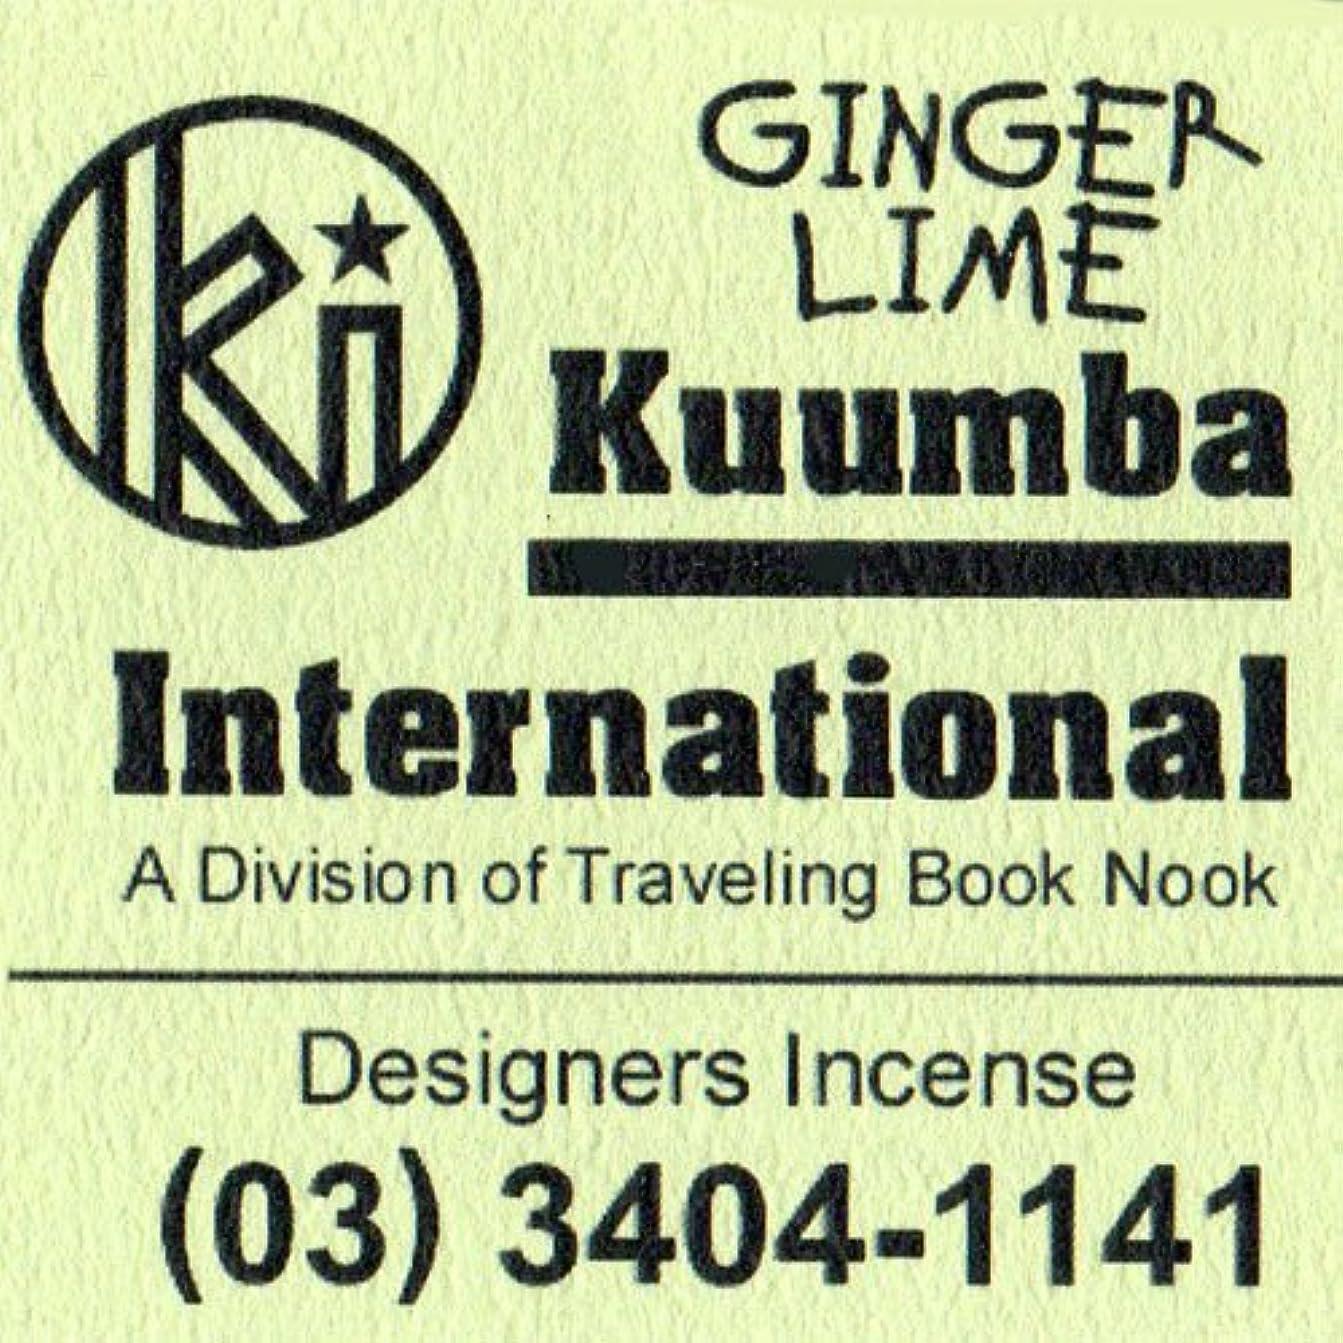 横再生的ポテトKUUMBA / クンバ『incense』(GINGER LIME) (Regular size)